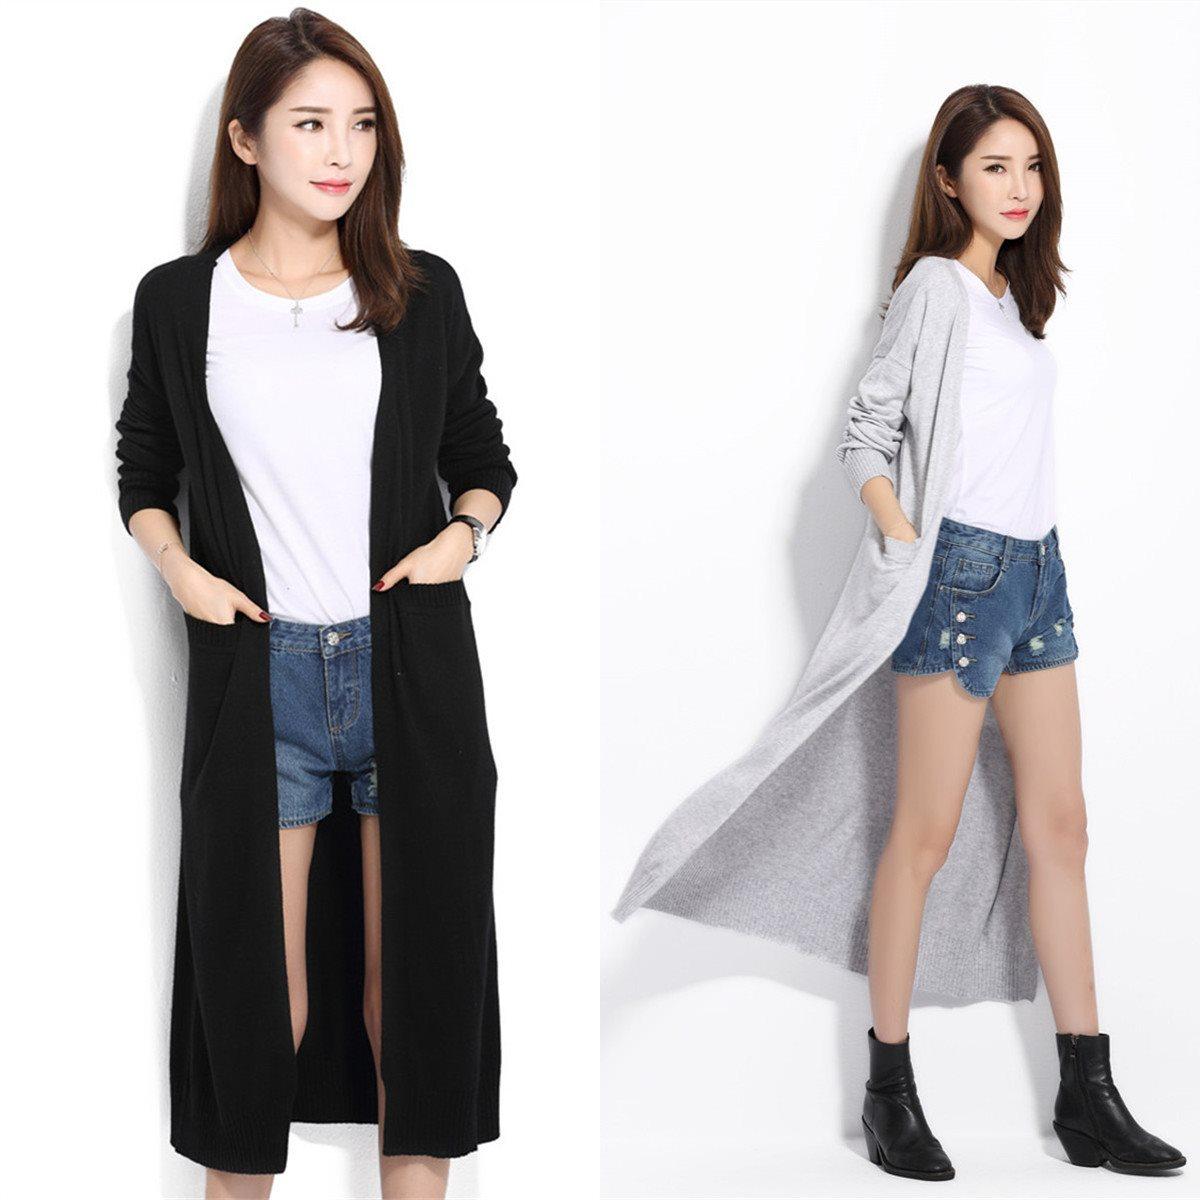 2019春夏新款女超长款薄毛衣外套韩版过膝针织开衫时尚百搭衫